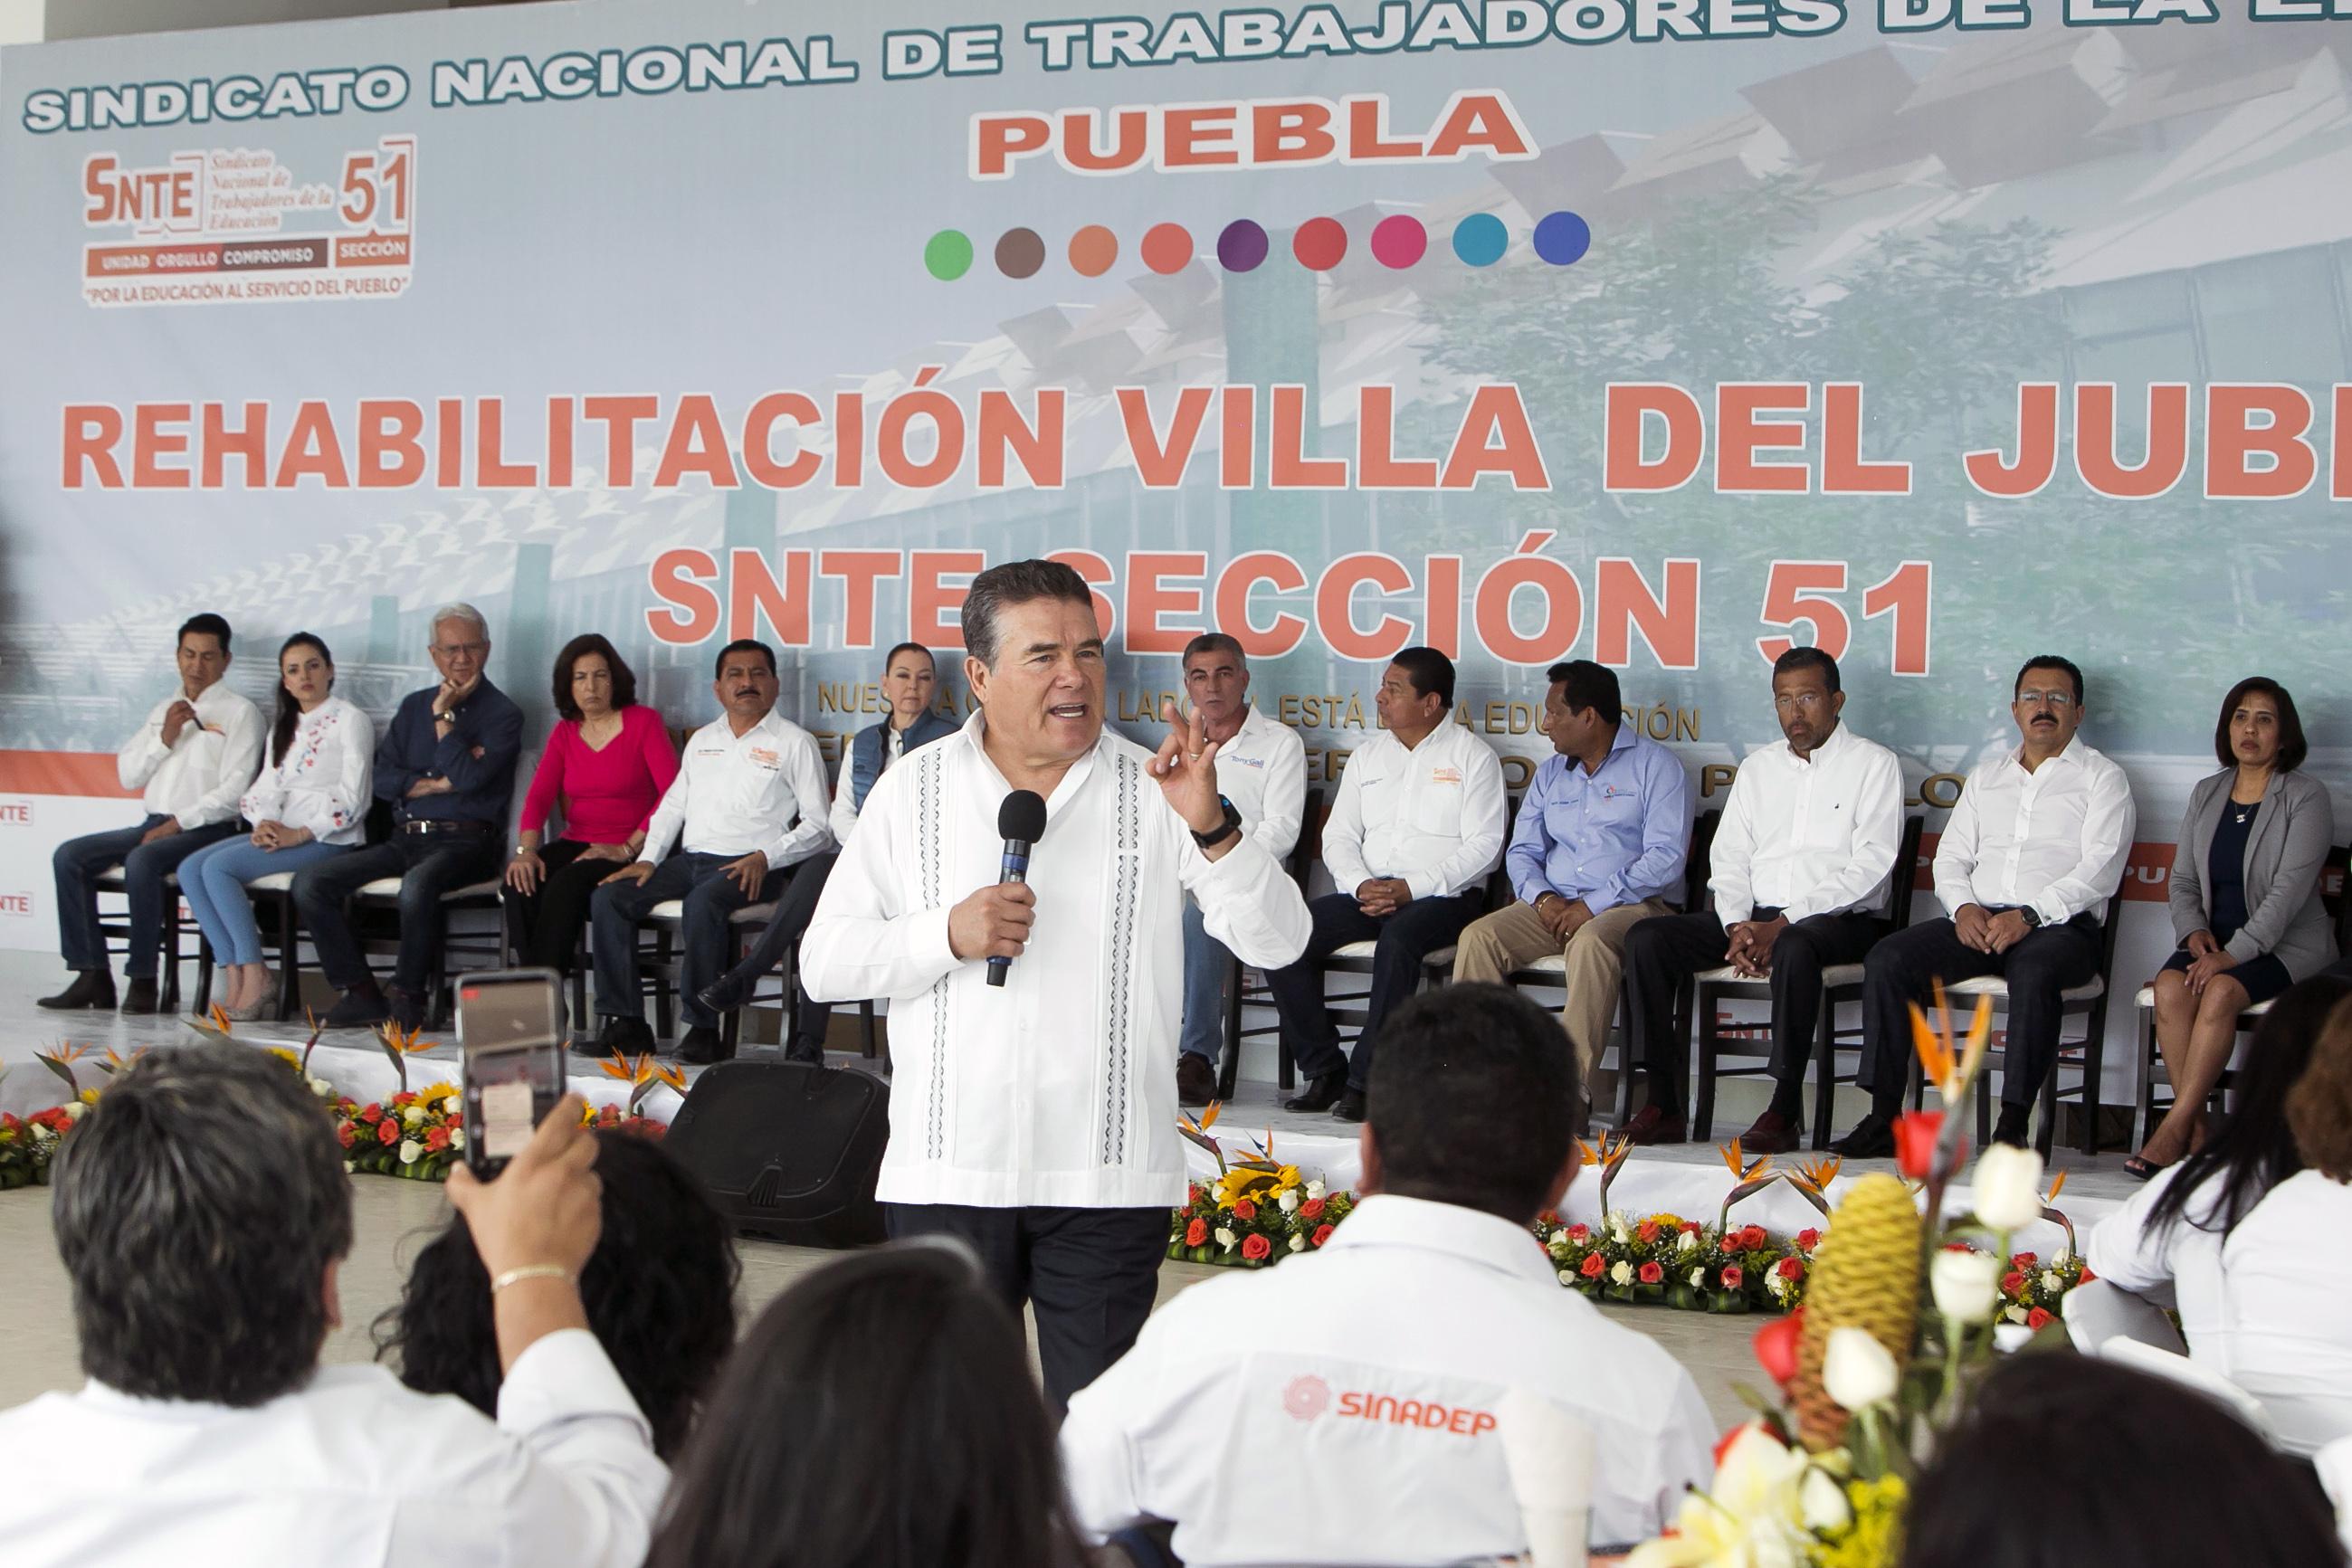 El SNTE da la lucha por sus jubilados – Raúl Sánchez Carrillo TV